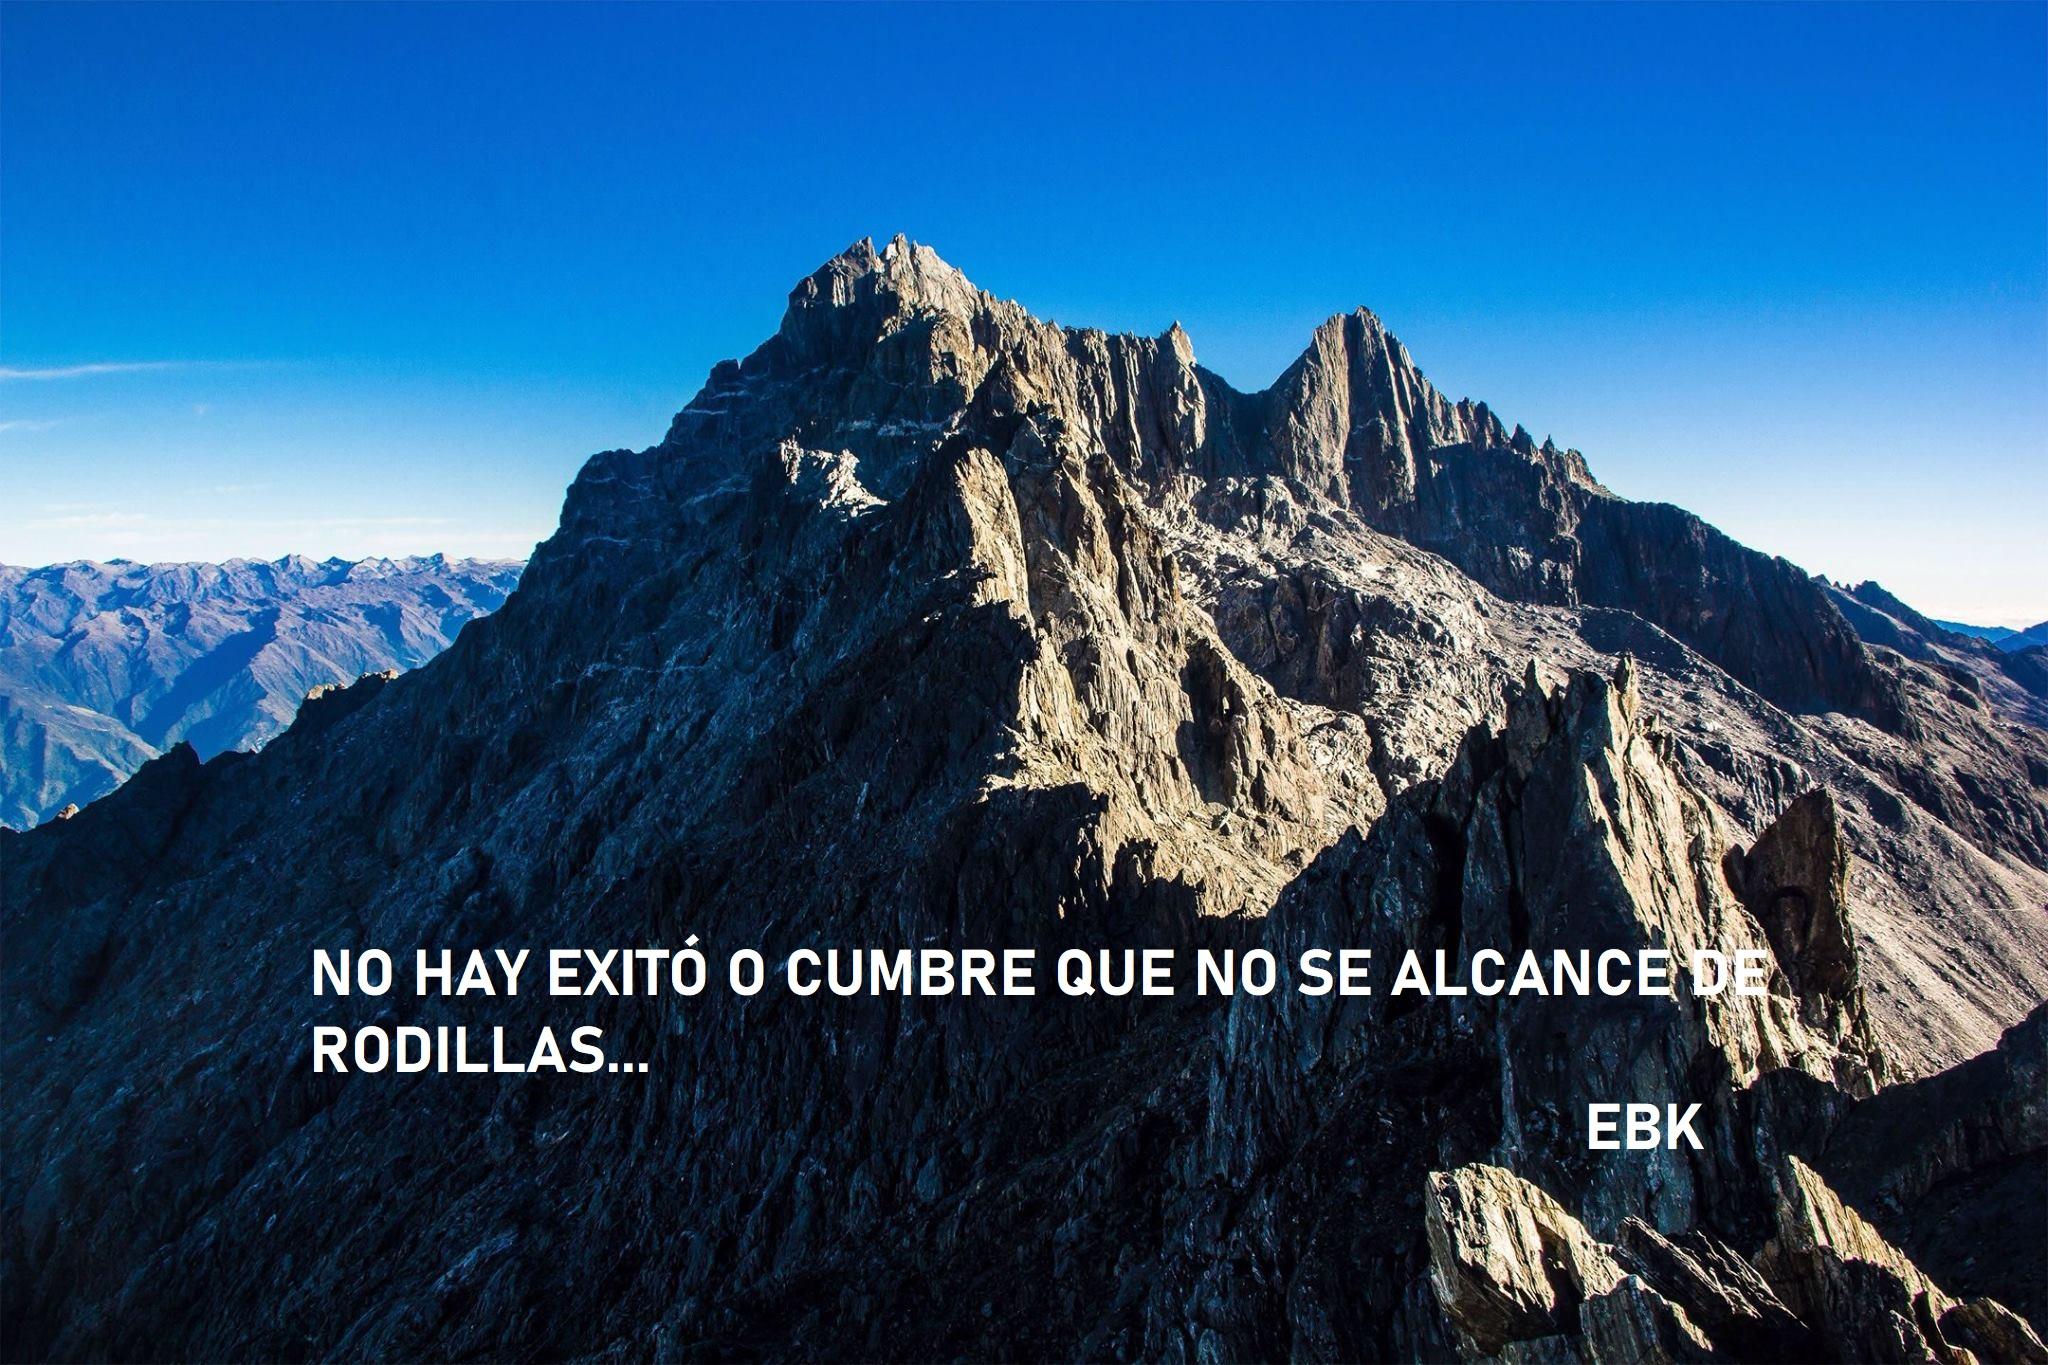 Pico Elias Beirouti